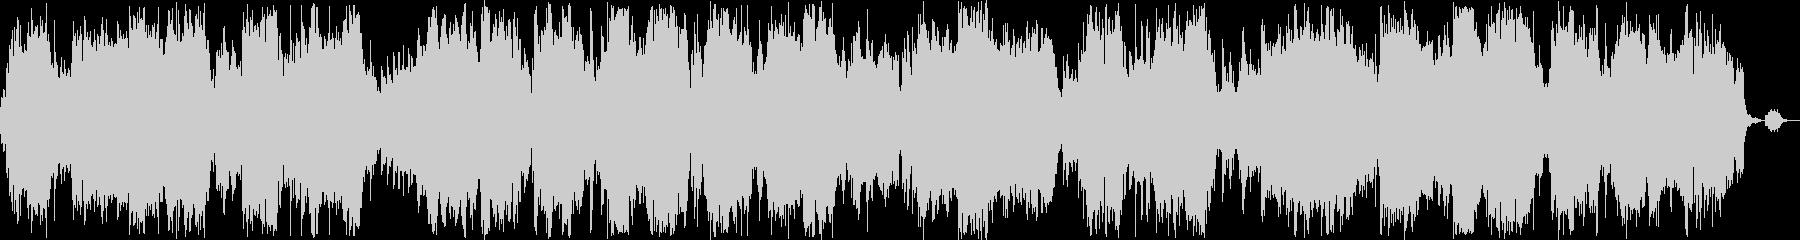 安らぎ感のある管楽器ピアノサウンドの未再生の波形